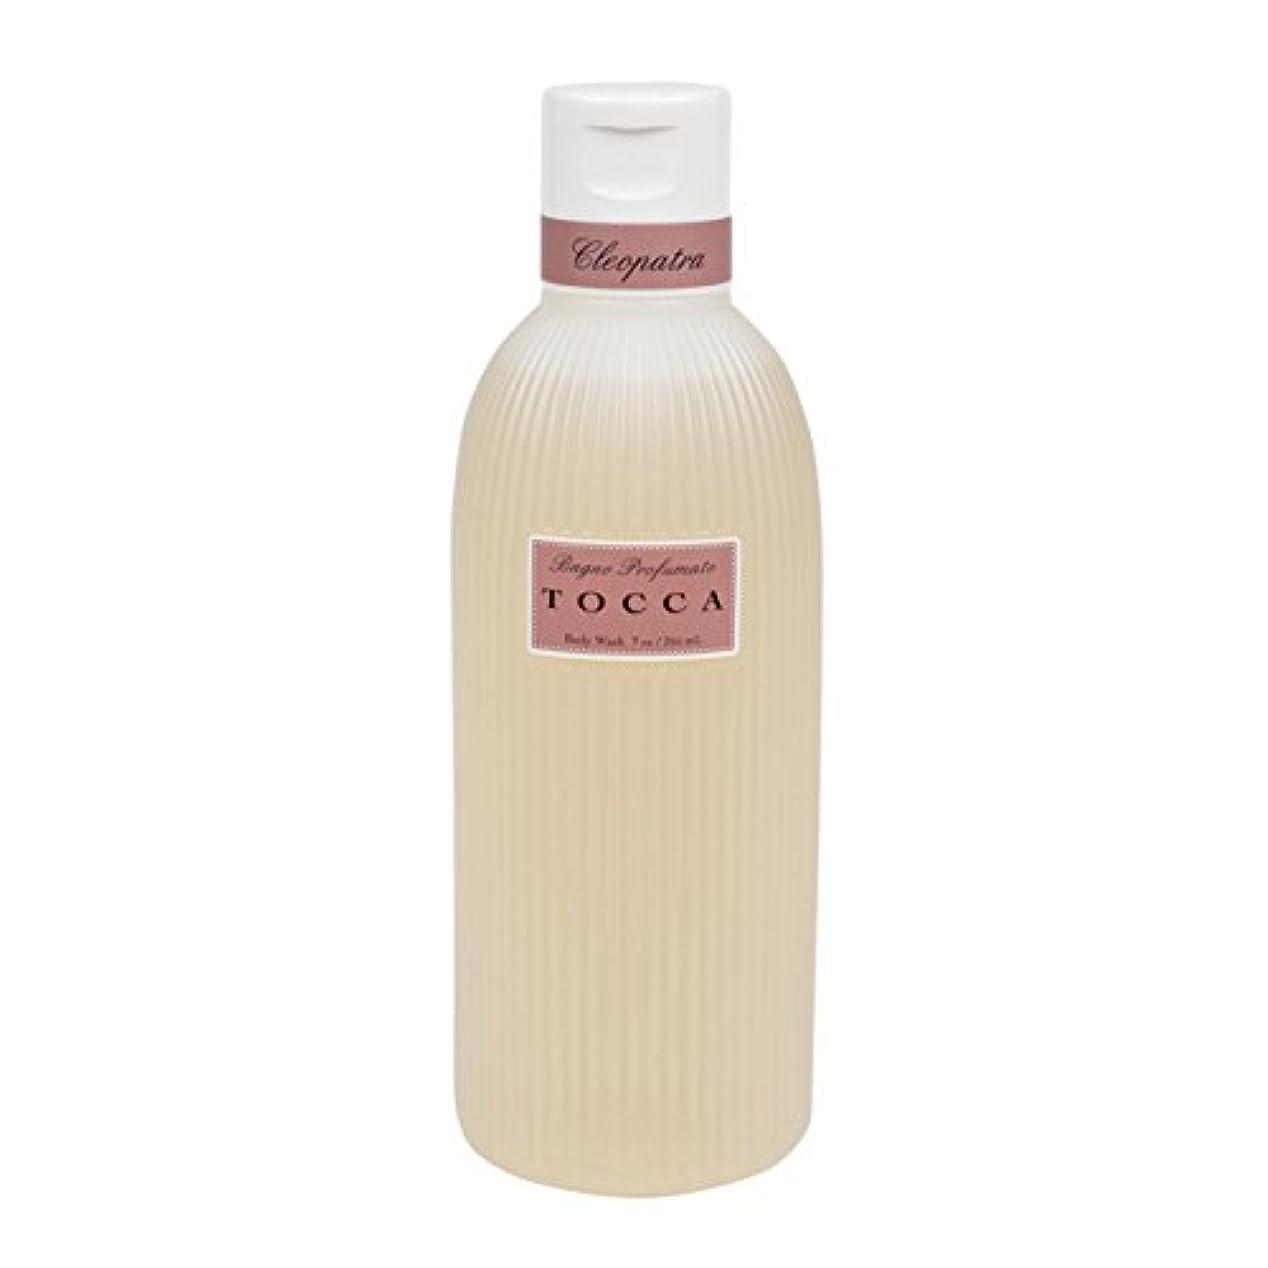 失望帽子ヒゲトッカ(TOCCA) ボディーケアウォッシュ クレオパトラの香り 266ml(全身用洗浄料 ボディーソープ グレープフルーツとキューカンバーのフレッシュでクリーンな香り)